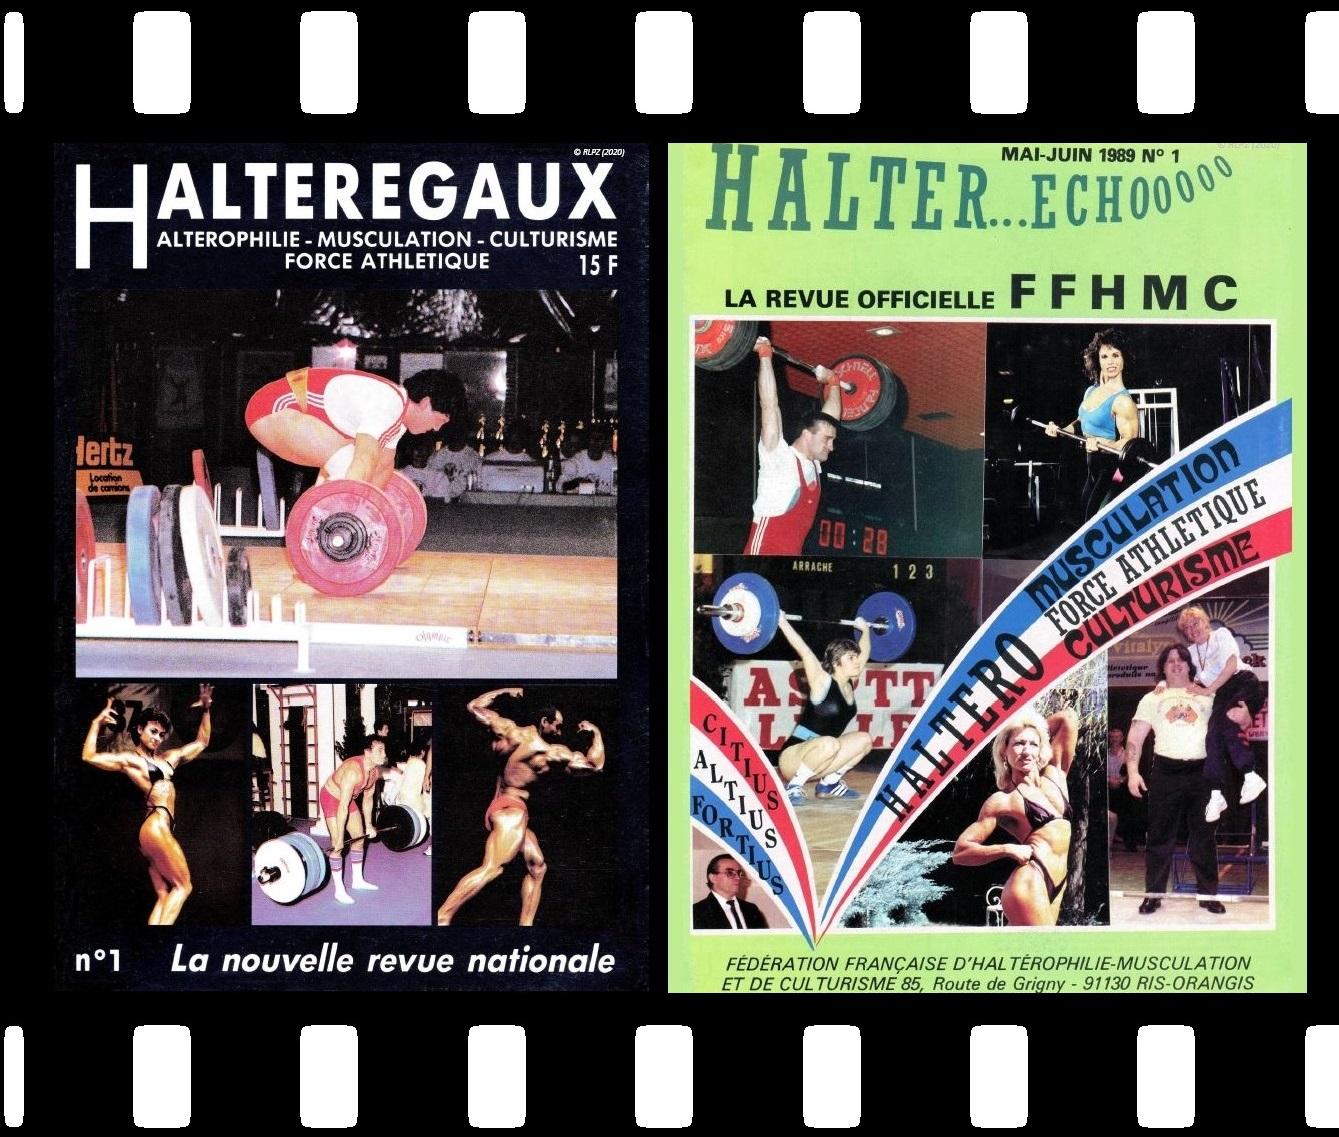 Page de téléchargement des revues Halteregaux et Halter Echo